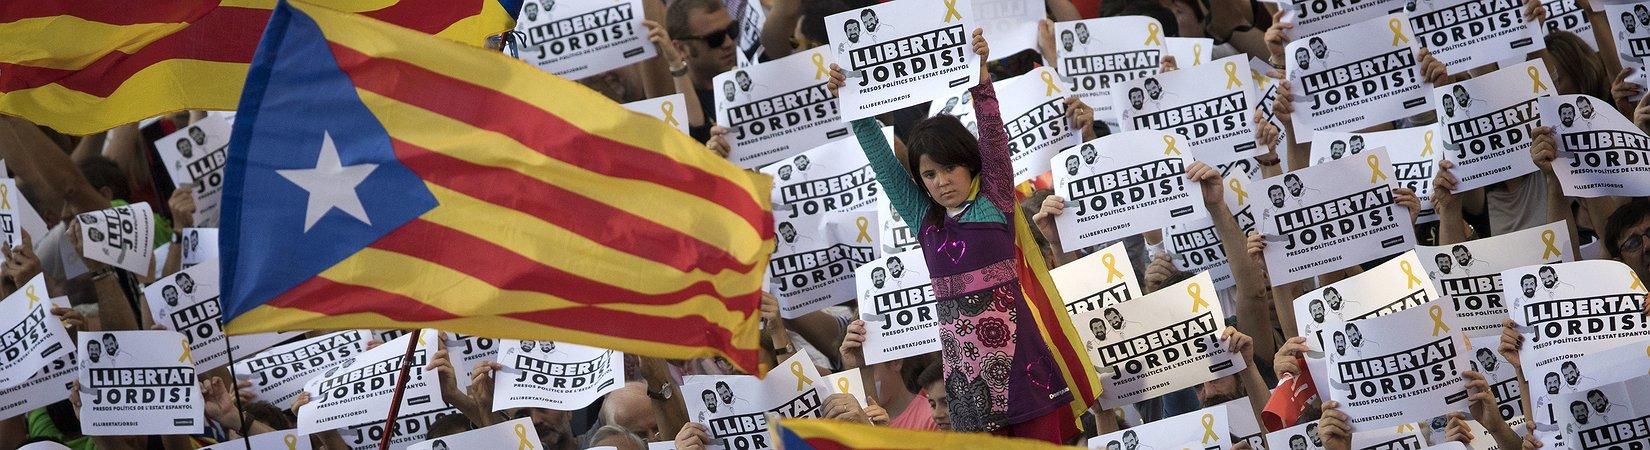 Con la crisis de independencia en ciernes, ¿qué es lo que le espera a Cataluña?